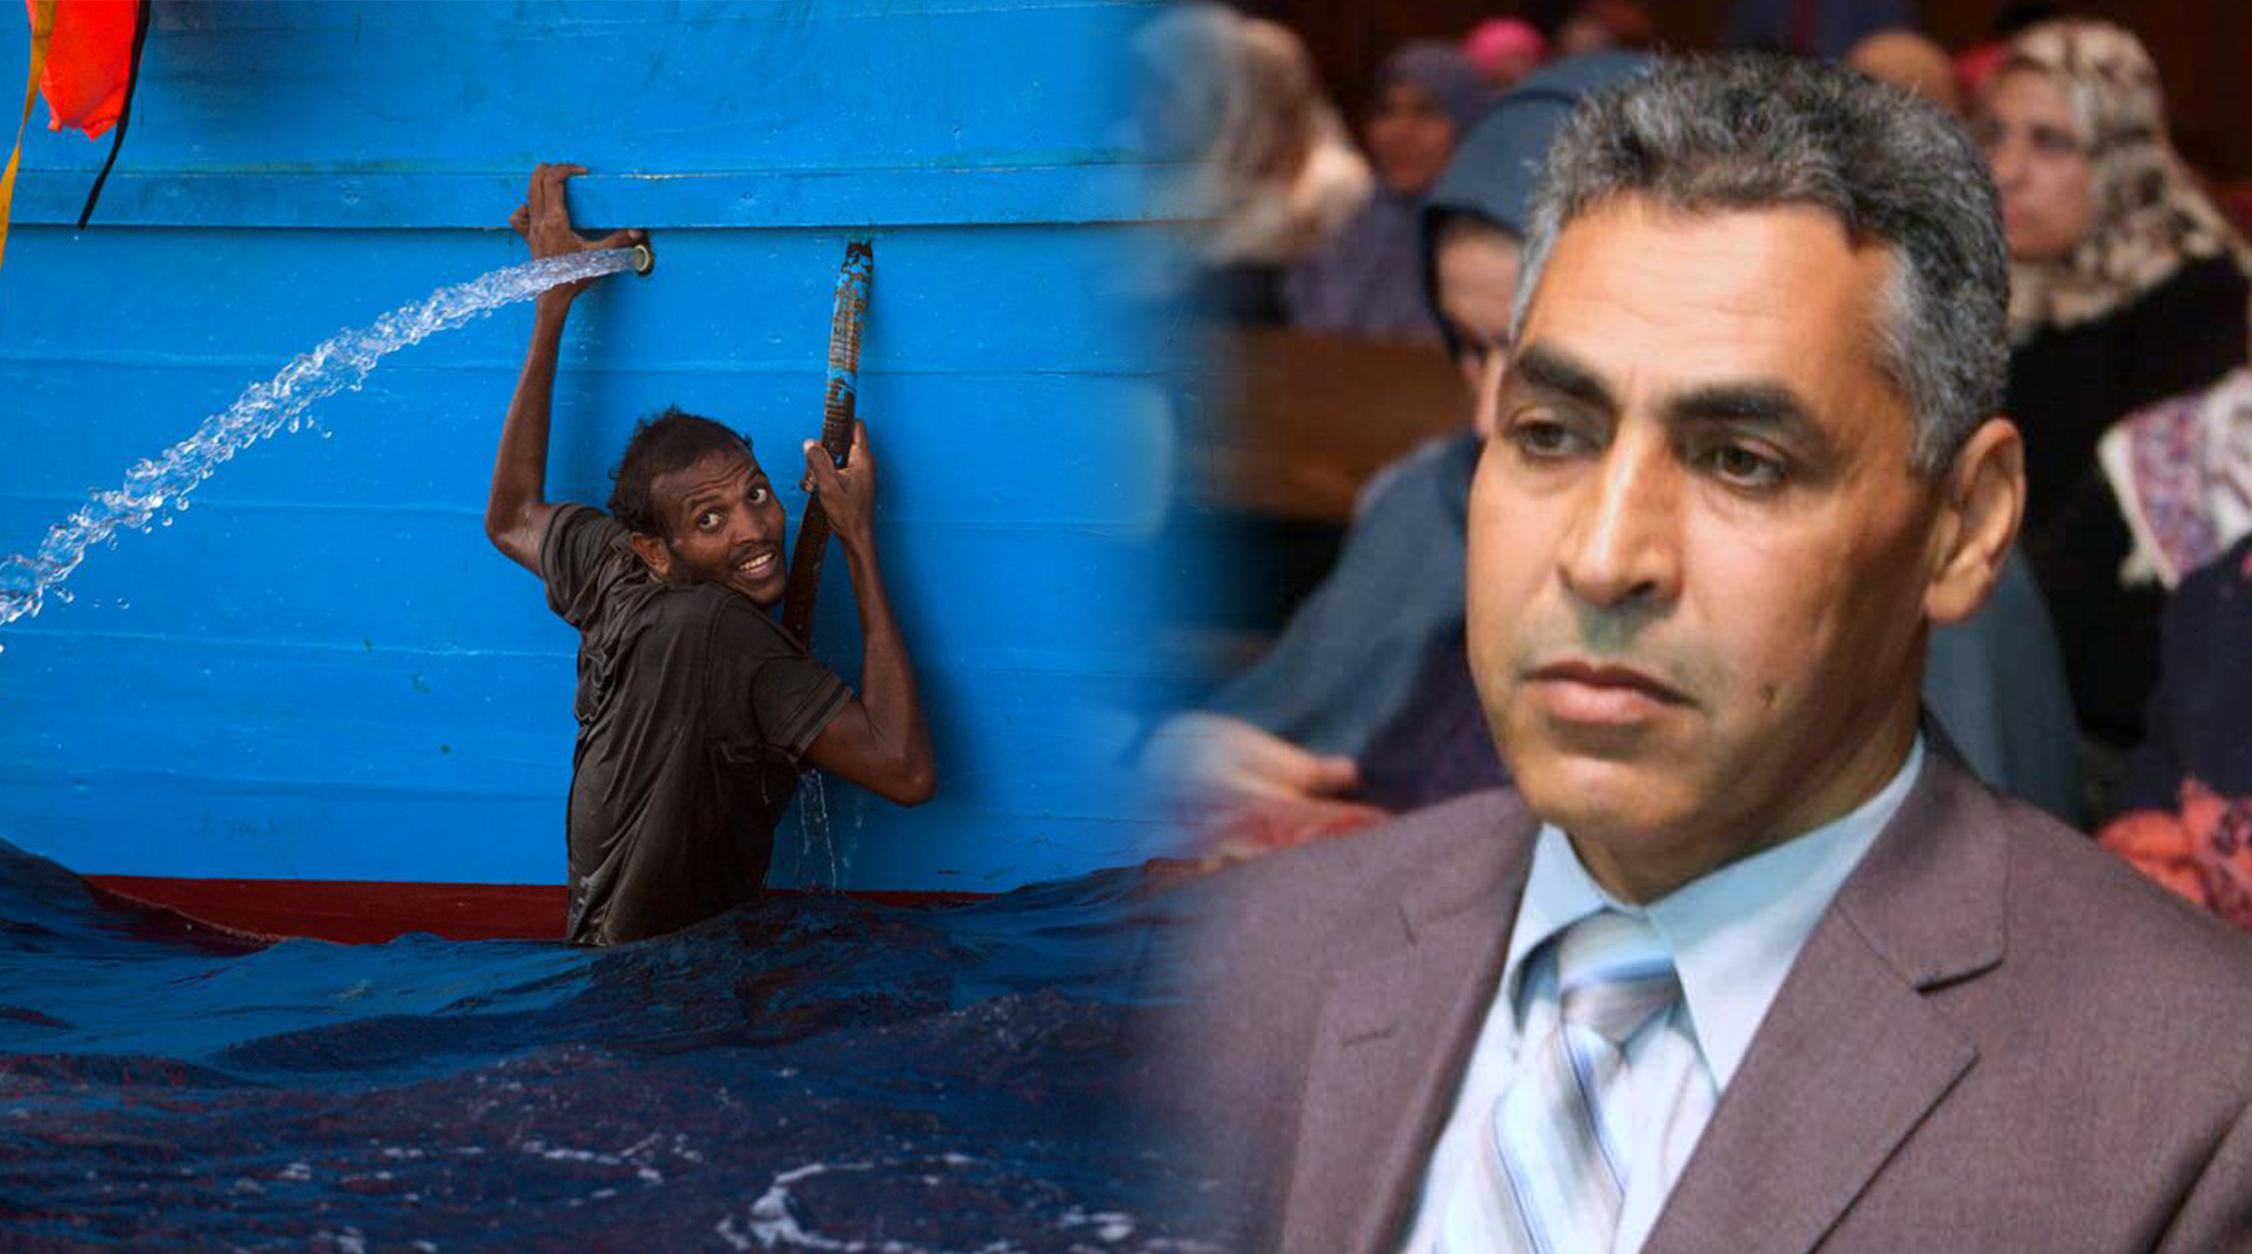 دردور لـ218 نيوز: على الأمم المتحدة إنقاذ ليبيا